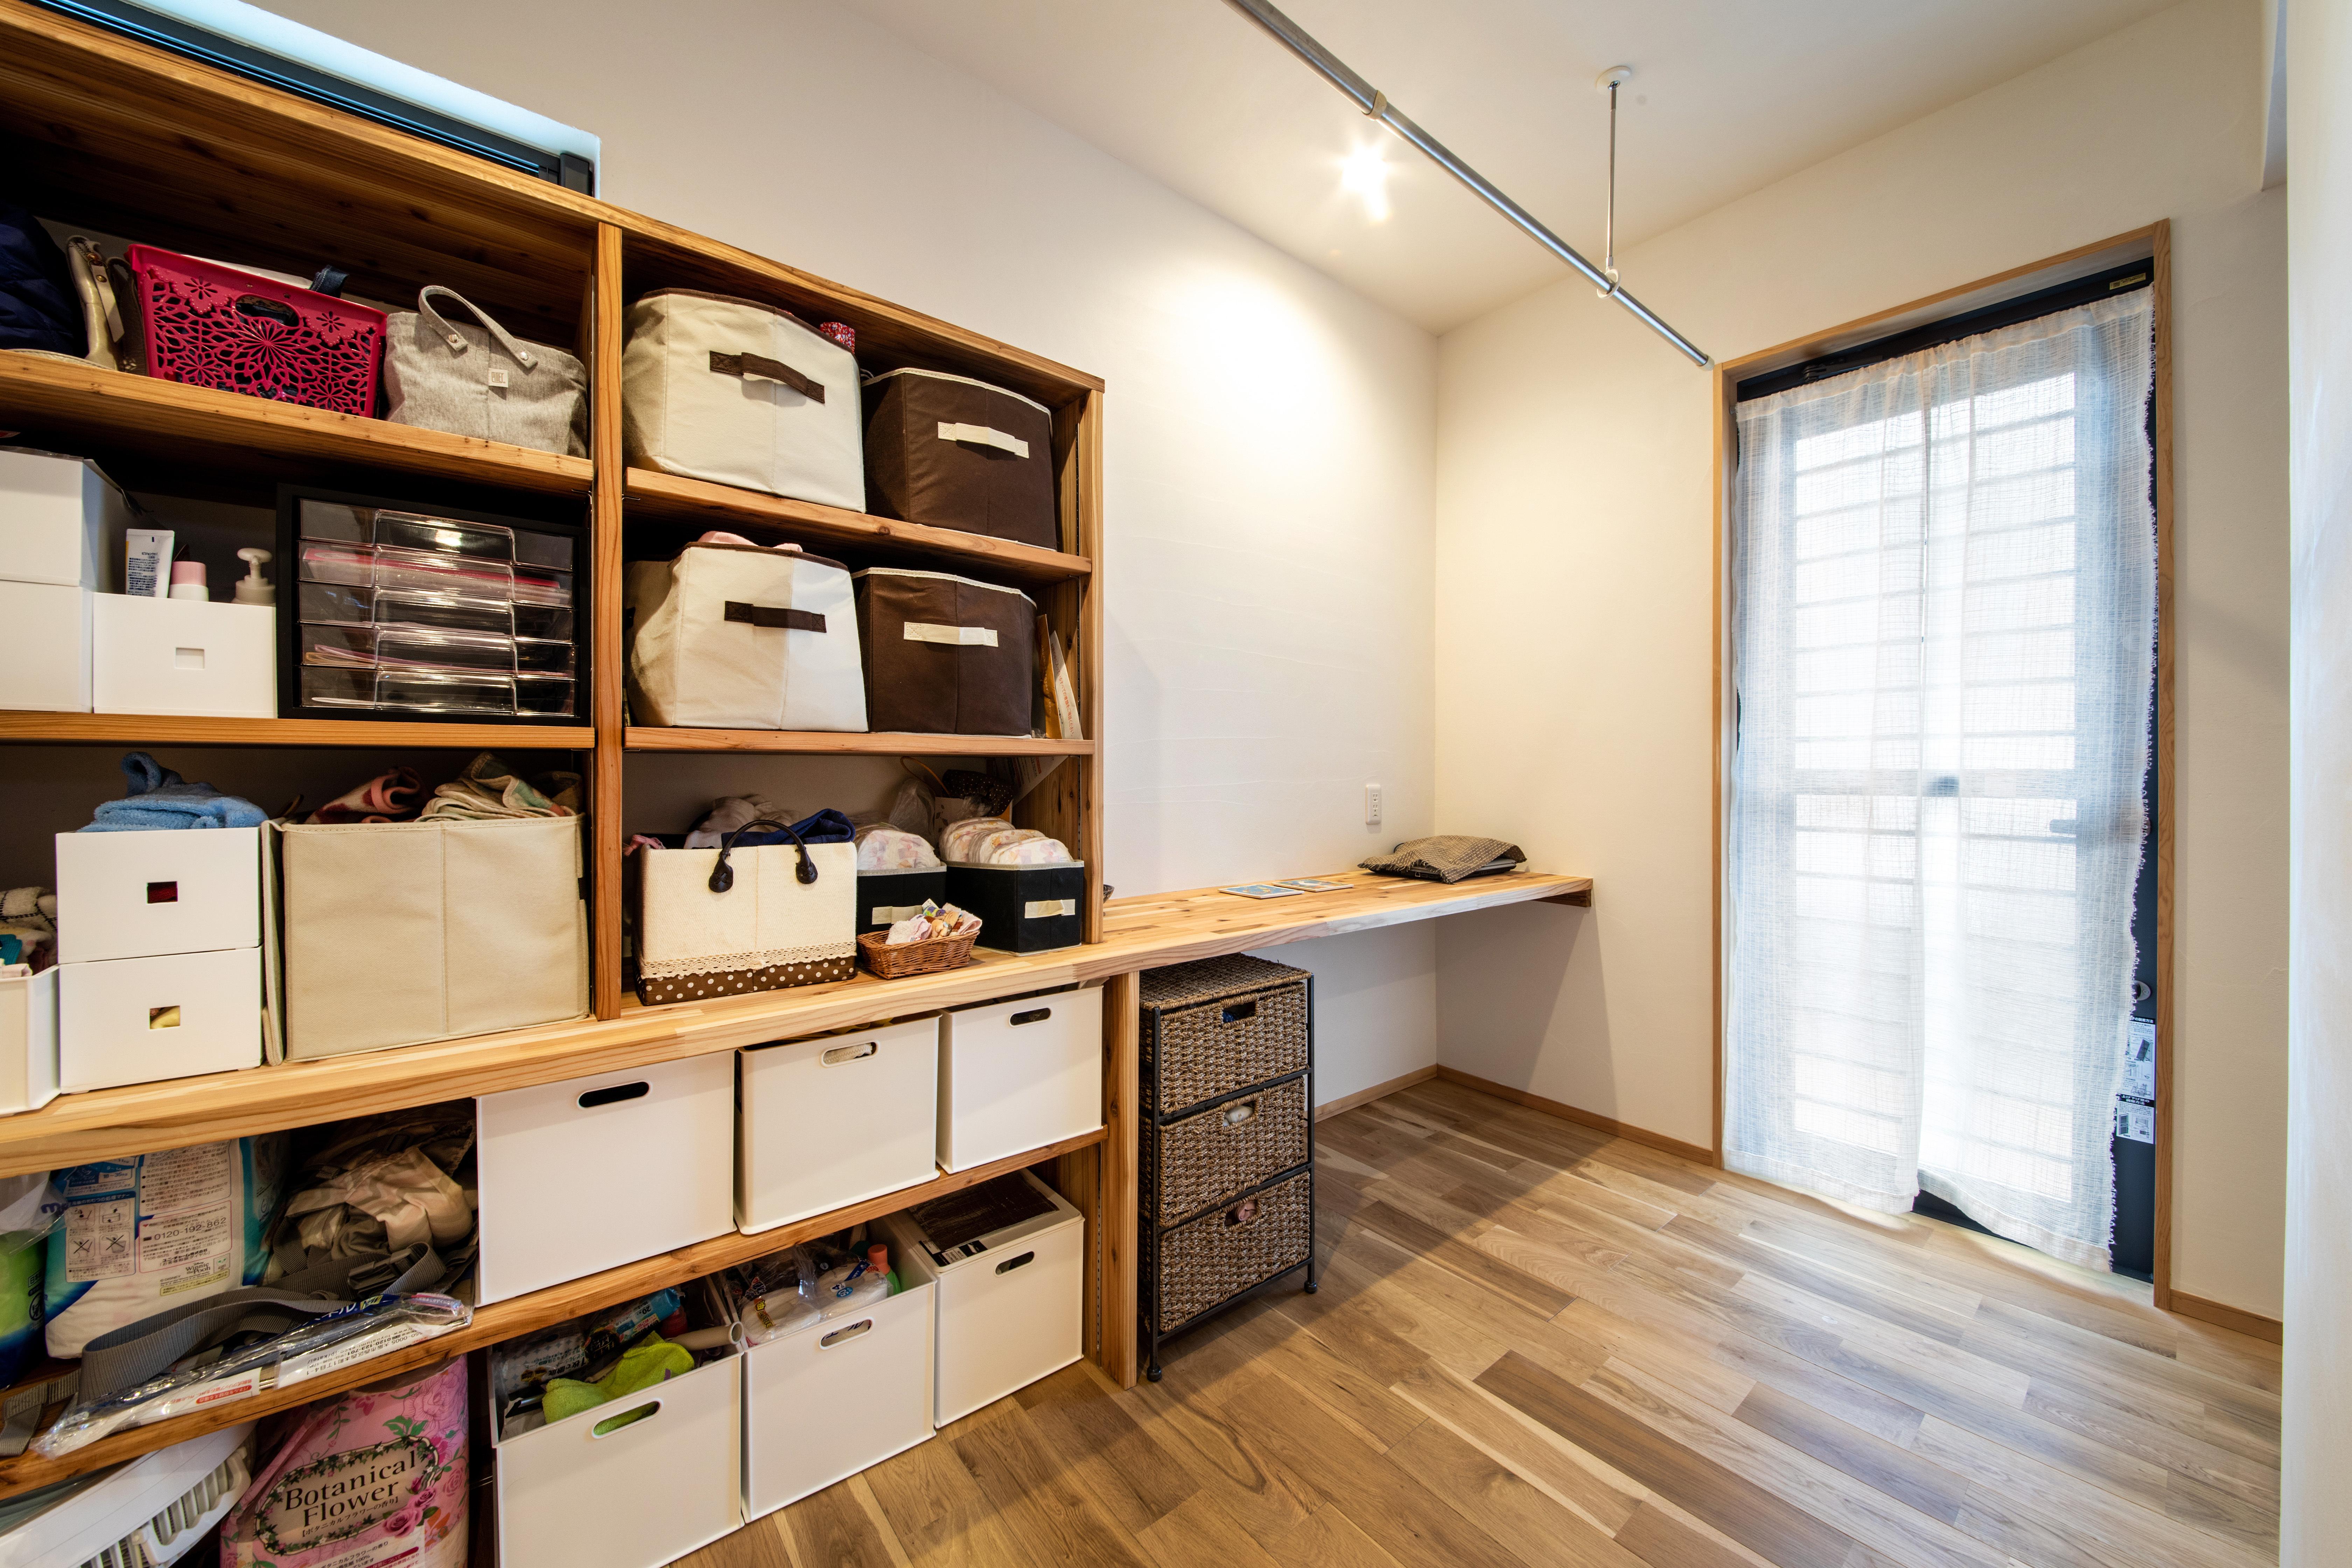 ツリーズ【子育て、自然素材、間取り】キッチンやバスルームとつながる収納兼家事スペース。漆喰が持つ調湿効果のおかげで、室内で洗濯物を干しても乾きが早い